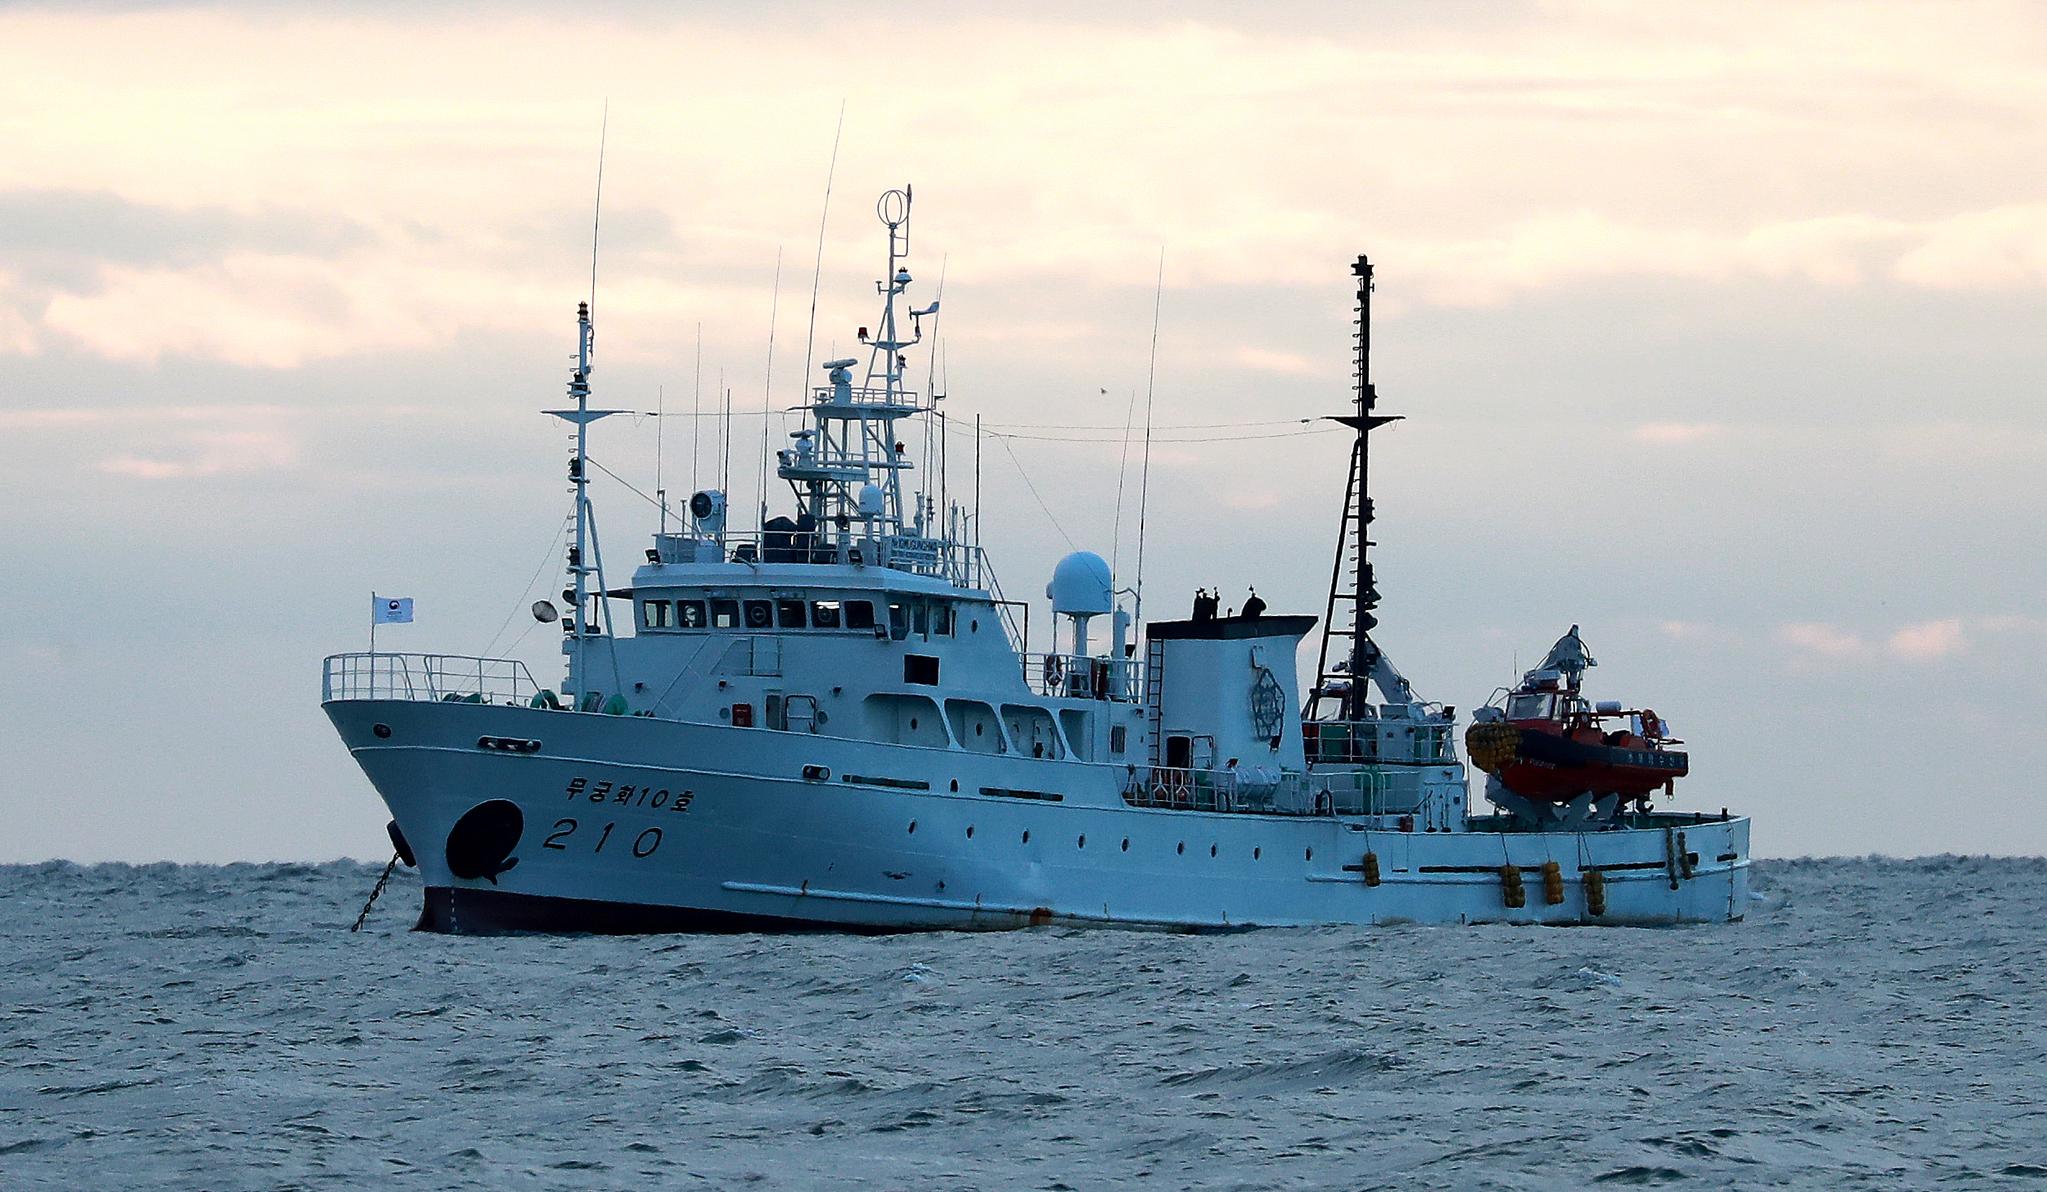 서해 북방한계선(NLL) 인근 해상에서 실종된 공무원이 승선했던 어업지도선 무궁화10호가 25일 오전 대연평도 인근 해상에 정박해 있다. 뉴스1